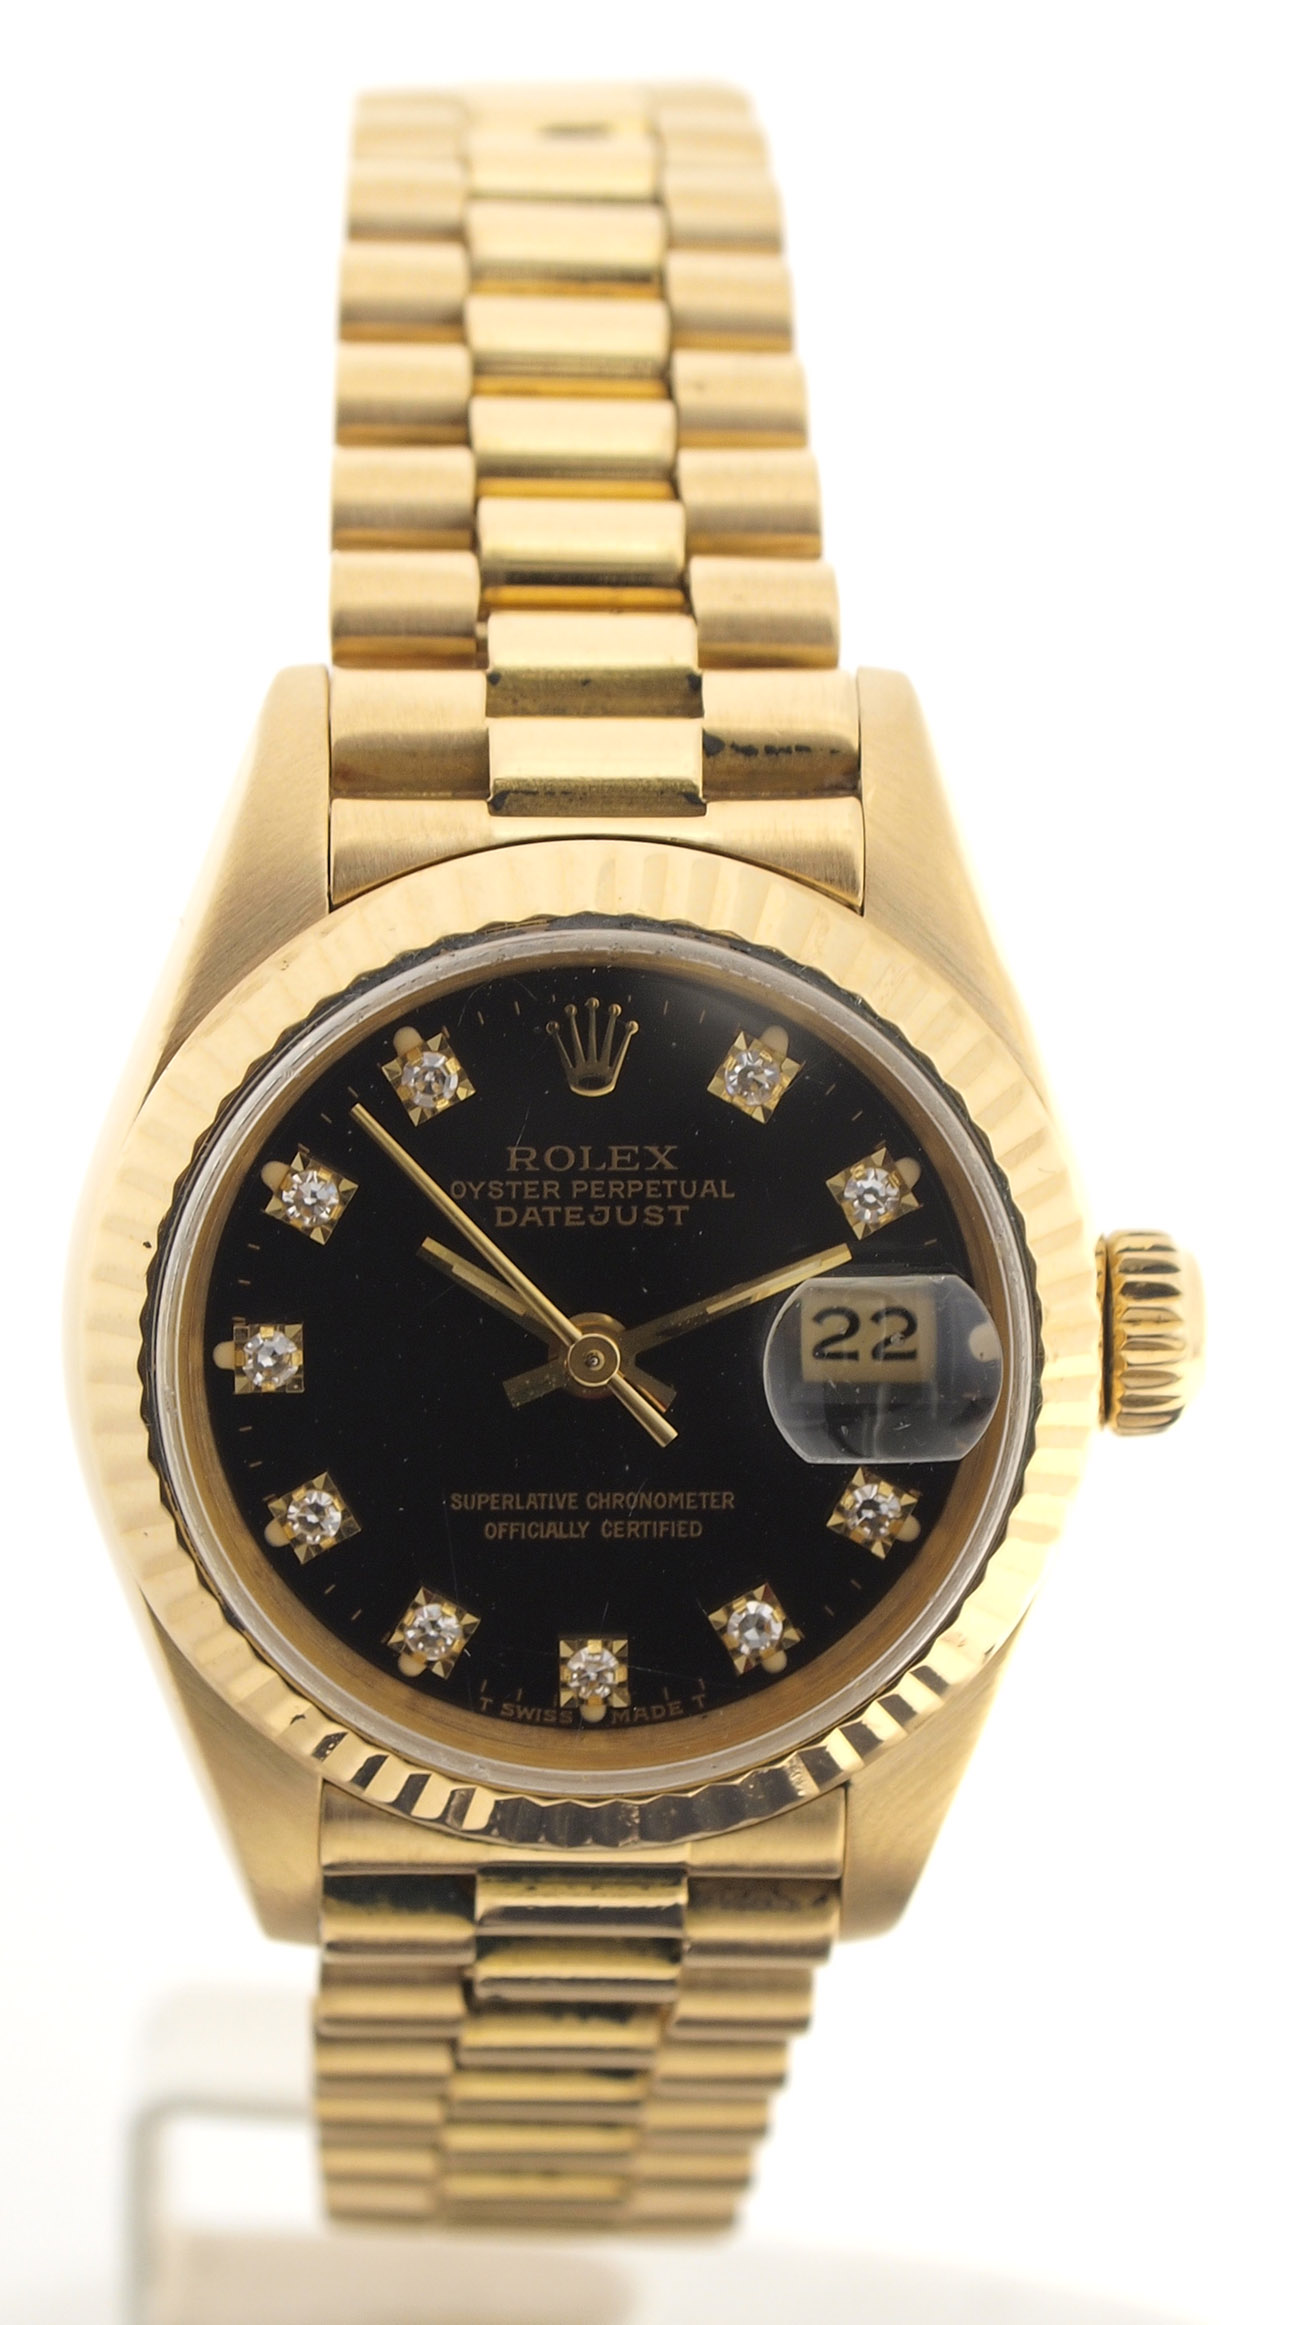 rolex lady datejust armbanduhr in gold zifferblatt mit diamanten 1980er ebay. Black Bedroom Furniture Sets. Home Design Ideas